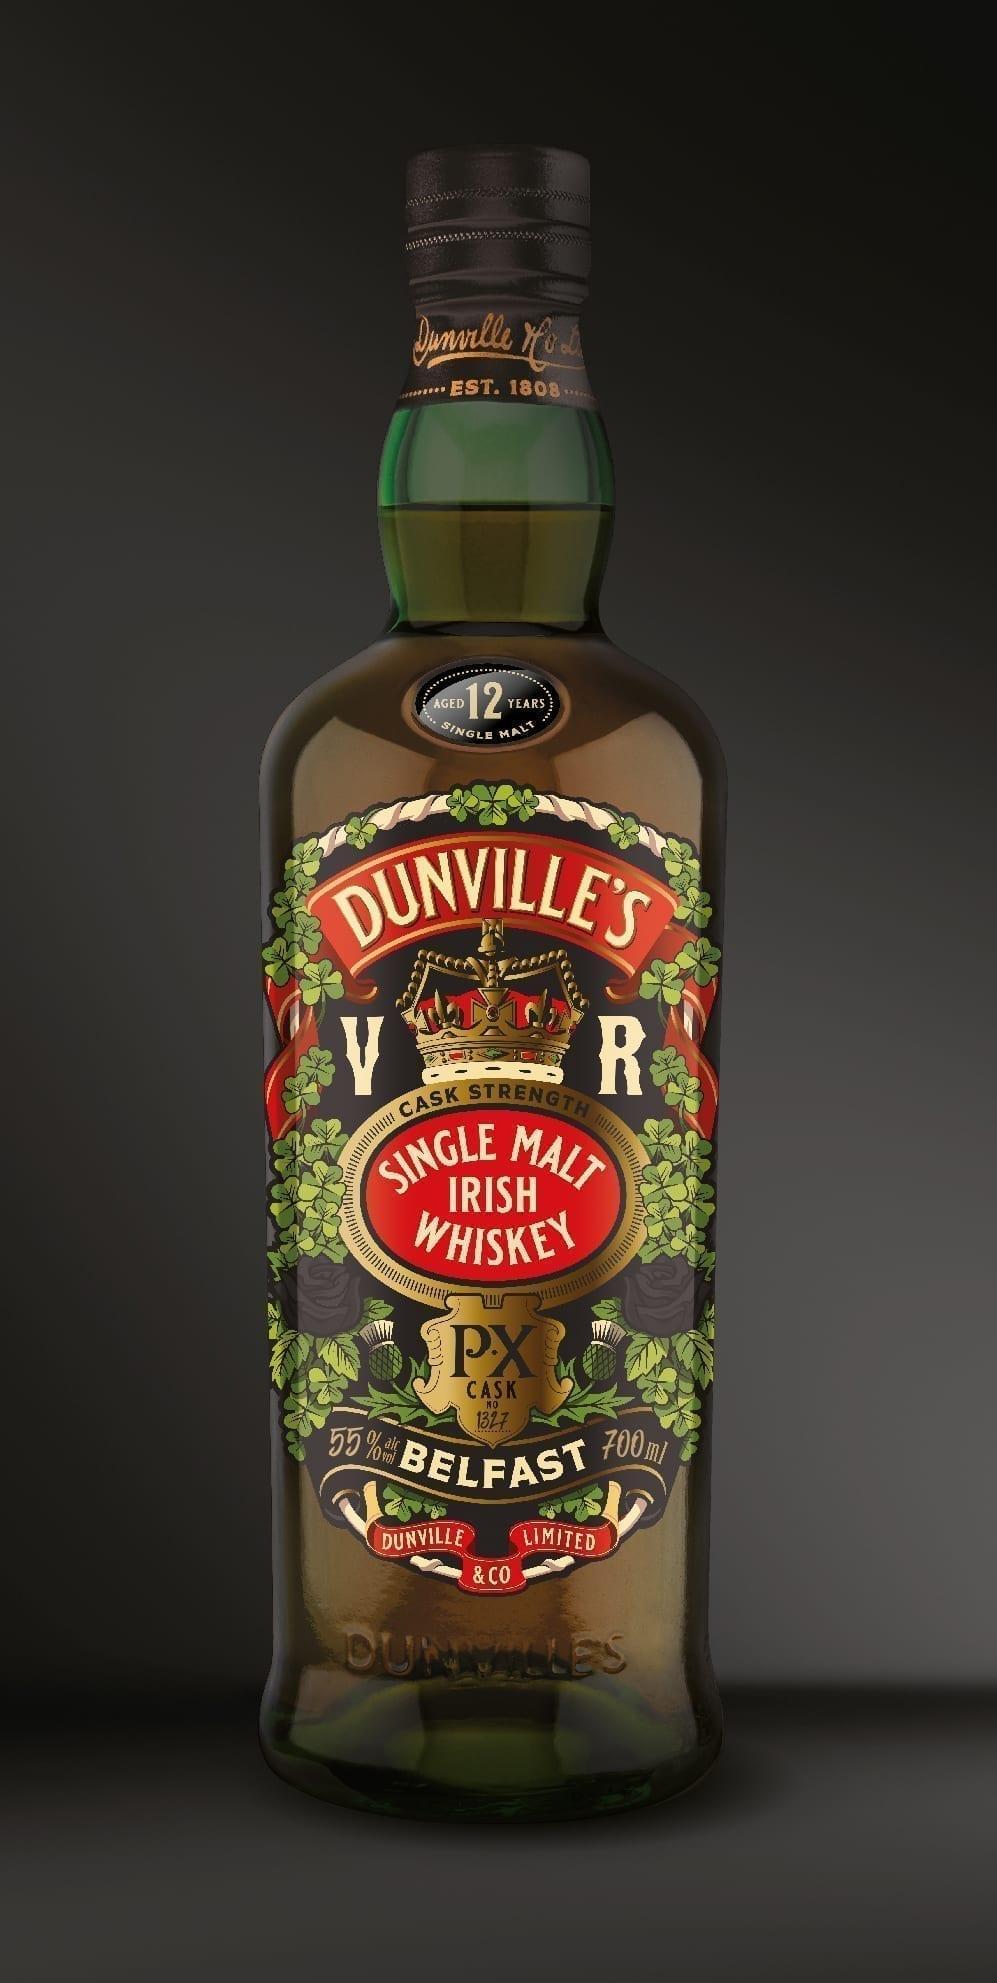 Dunvilles PX CS Botle